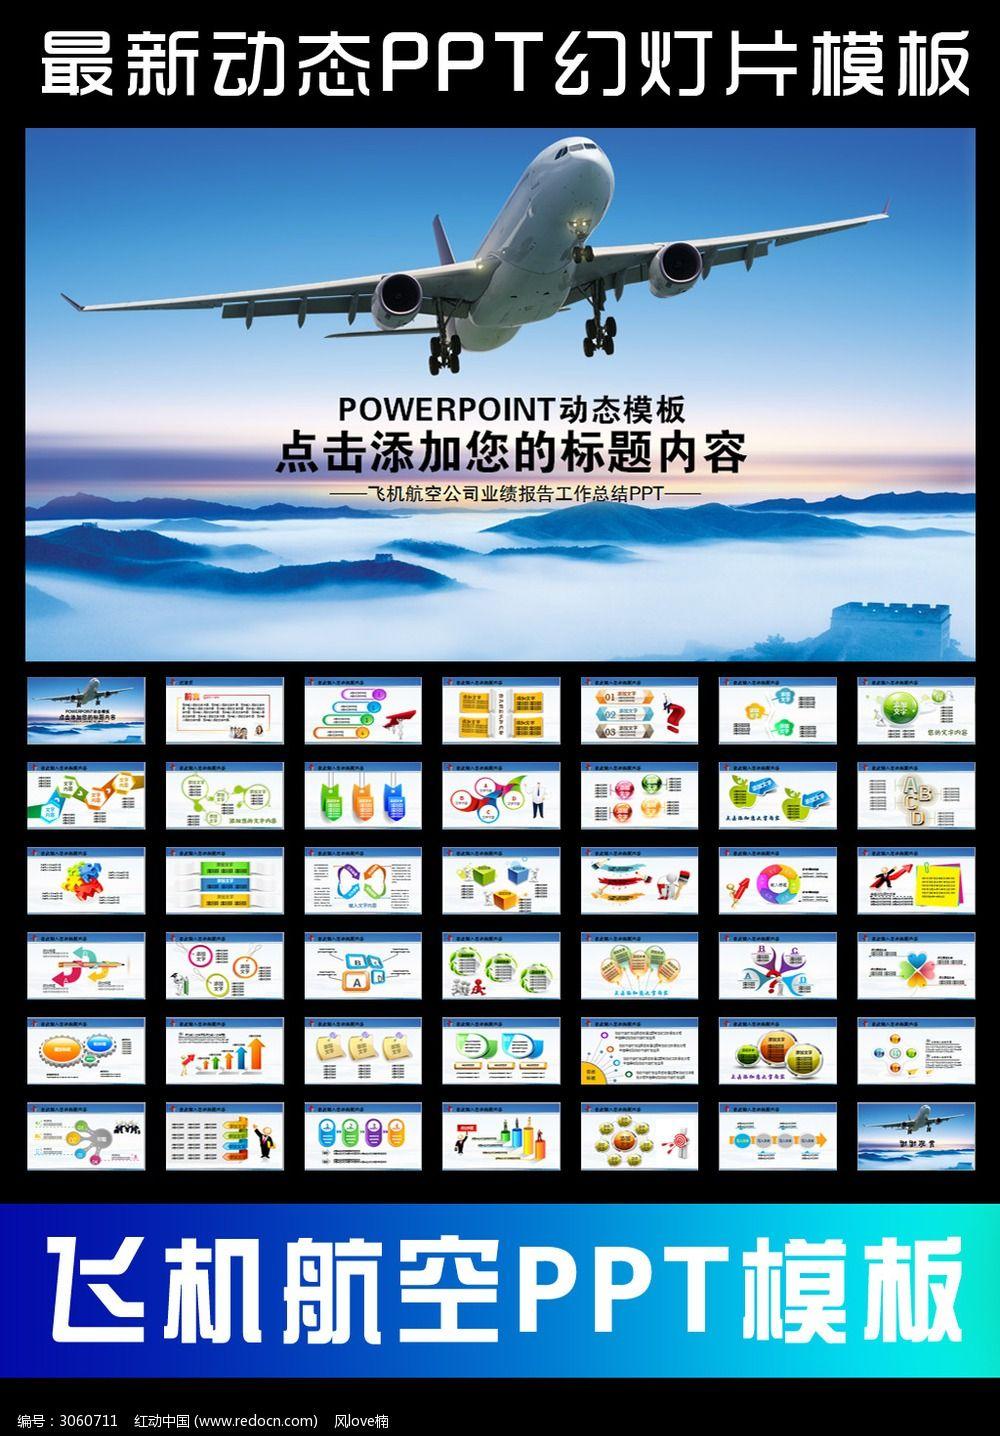 飞机航空公司工作总结新年计划动态ppt素材下载